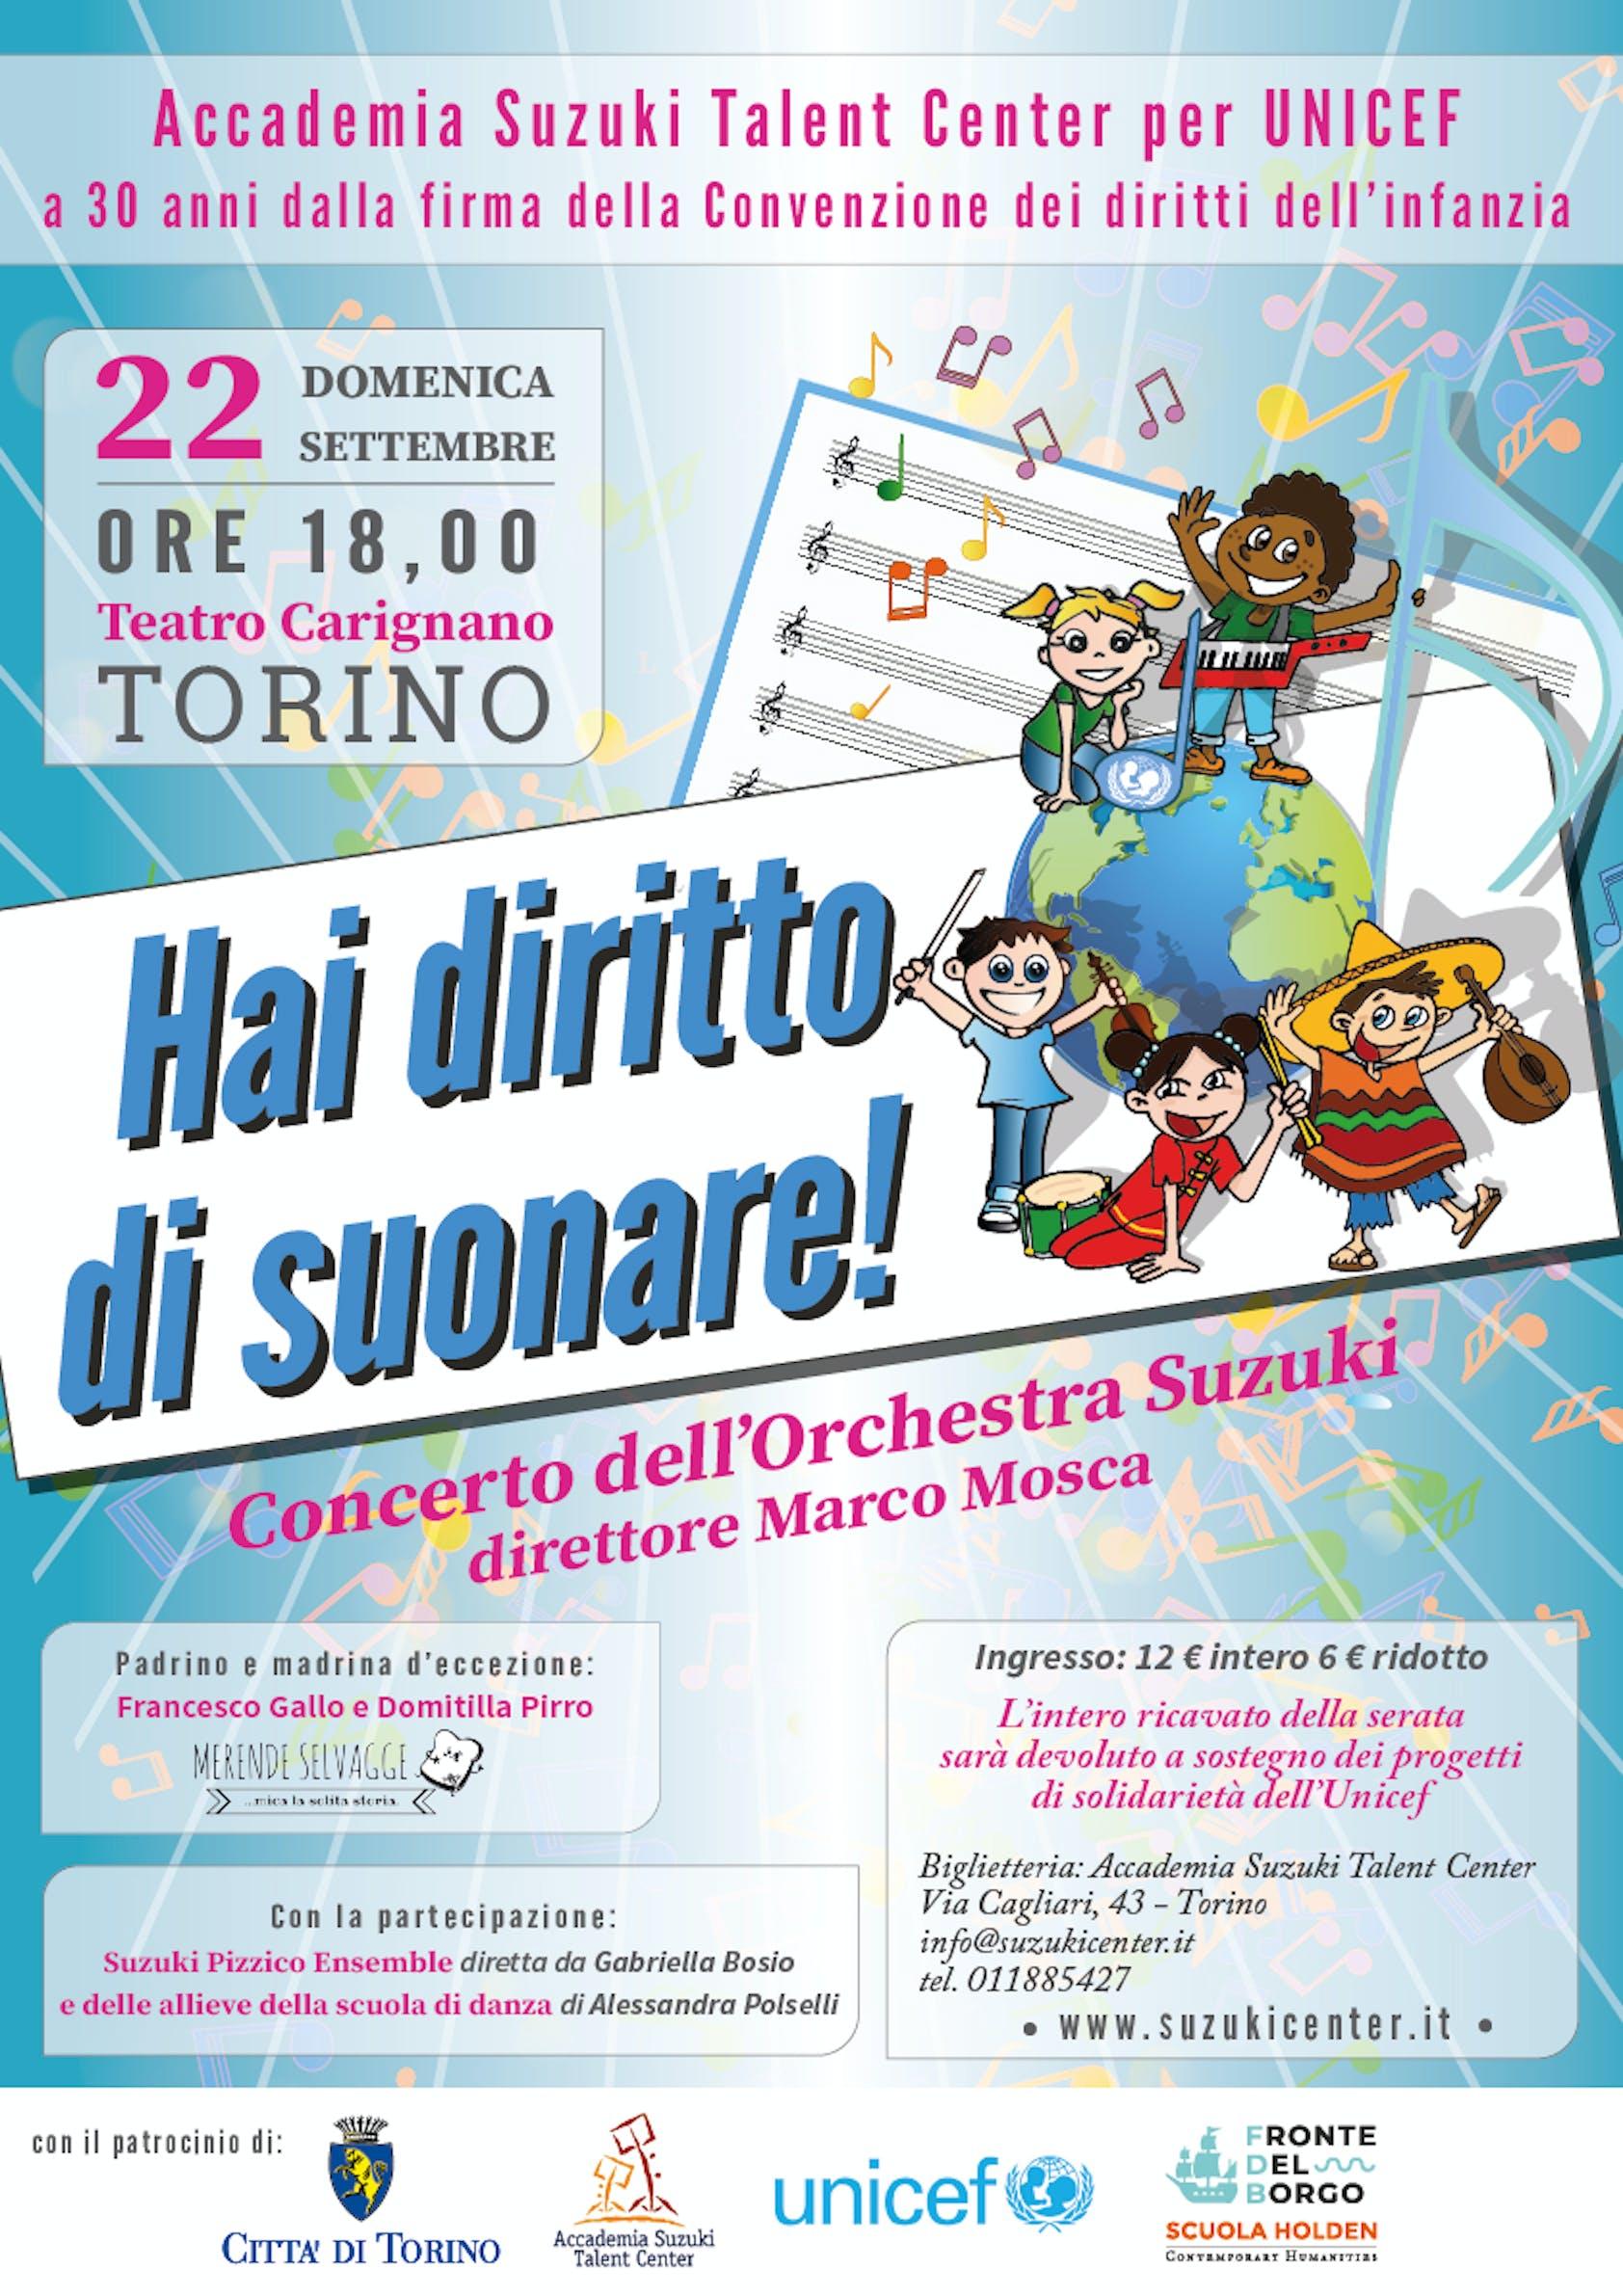 Concerto di beneficenza al teatro Carignano per la celebrazione artistica dei trenta anni della CRC ONU